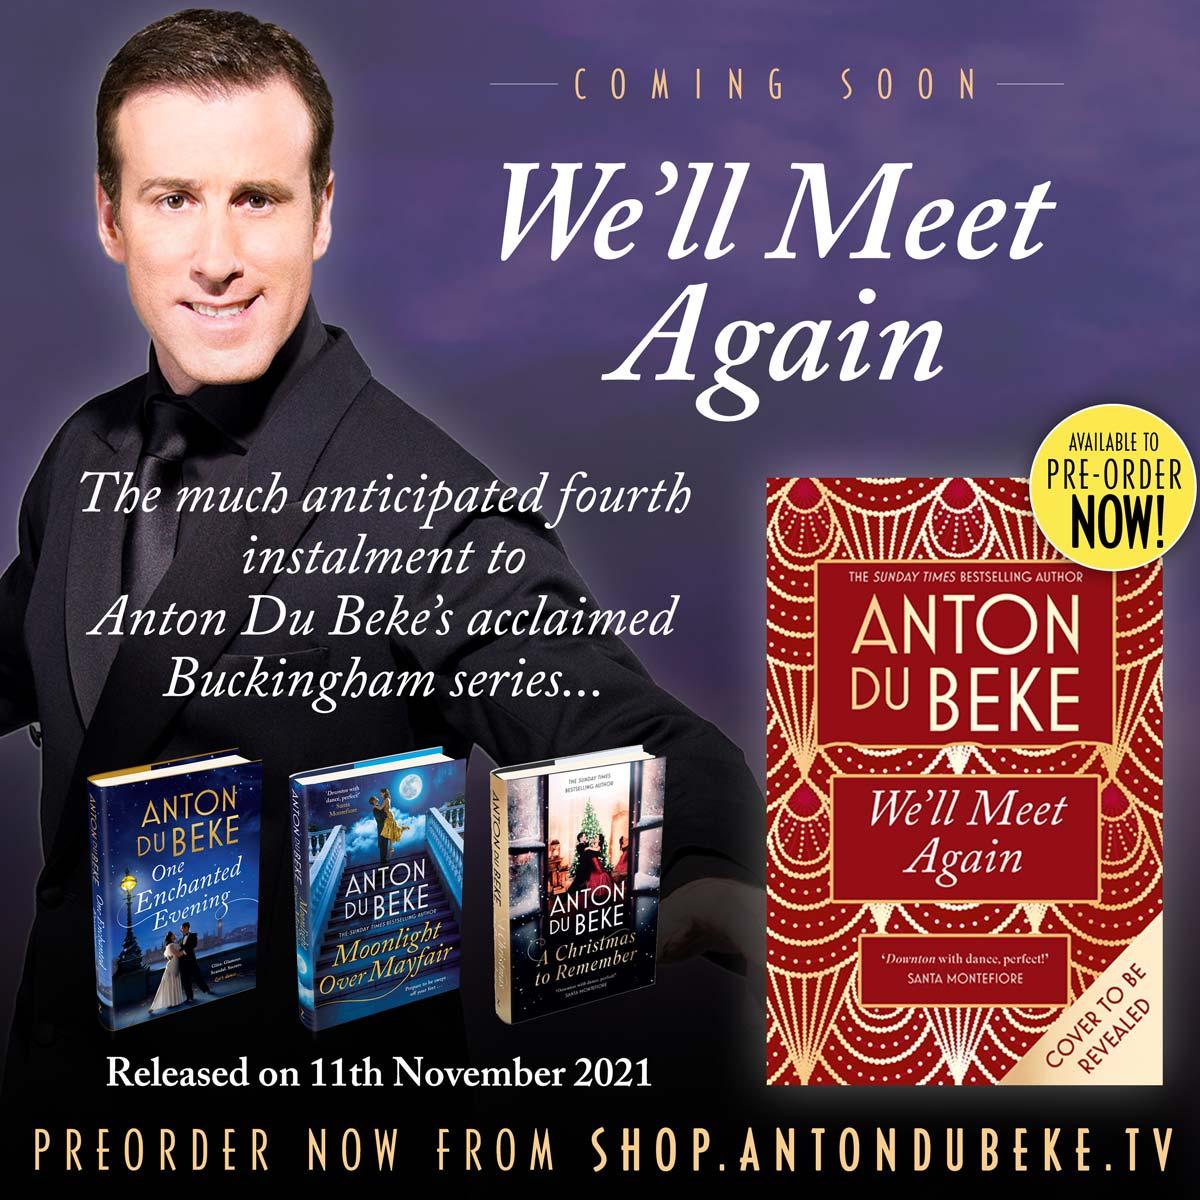 We'll Meet Again - Anton's fourth novel - preorder now!